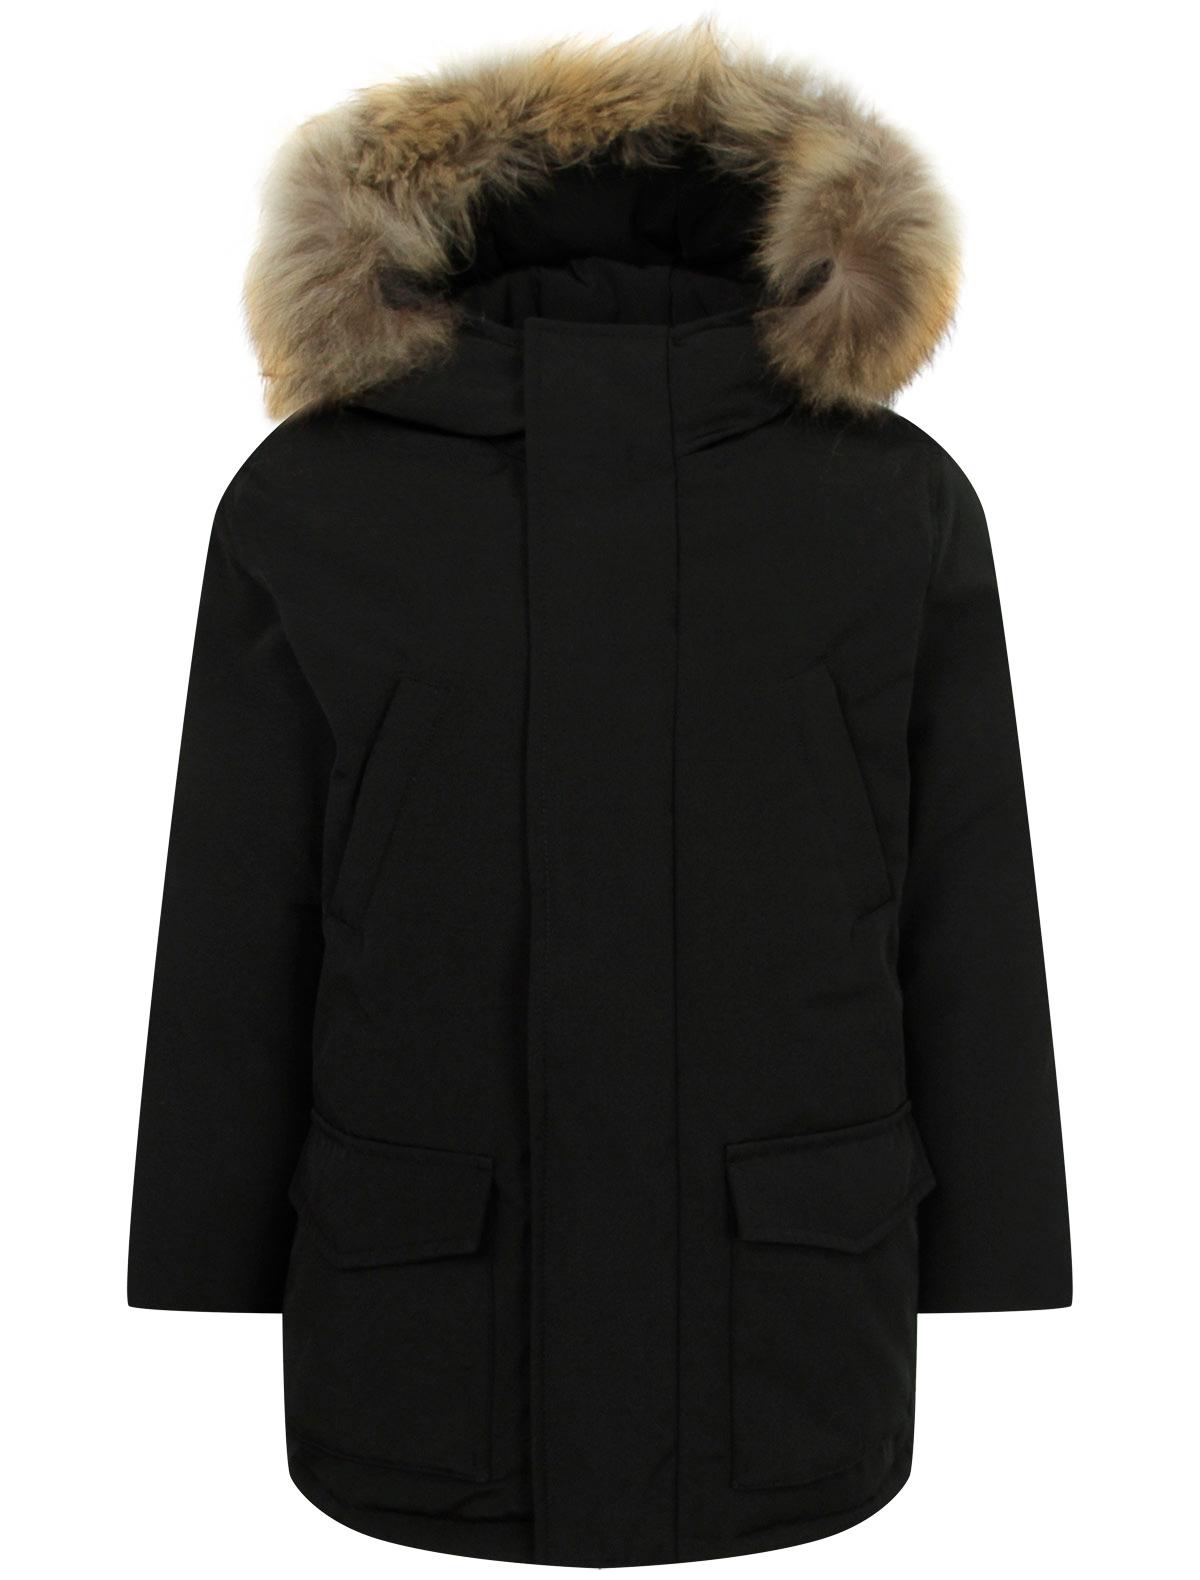 Купить 2243859, Куртка Il Gufo, черный, Мужской, 1074519084843